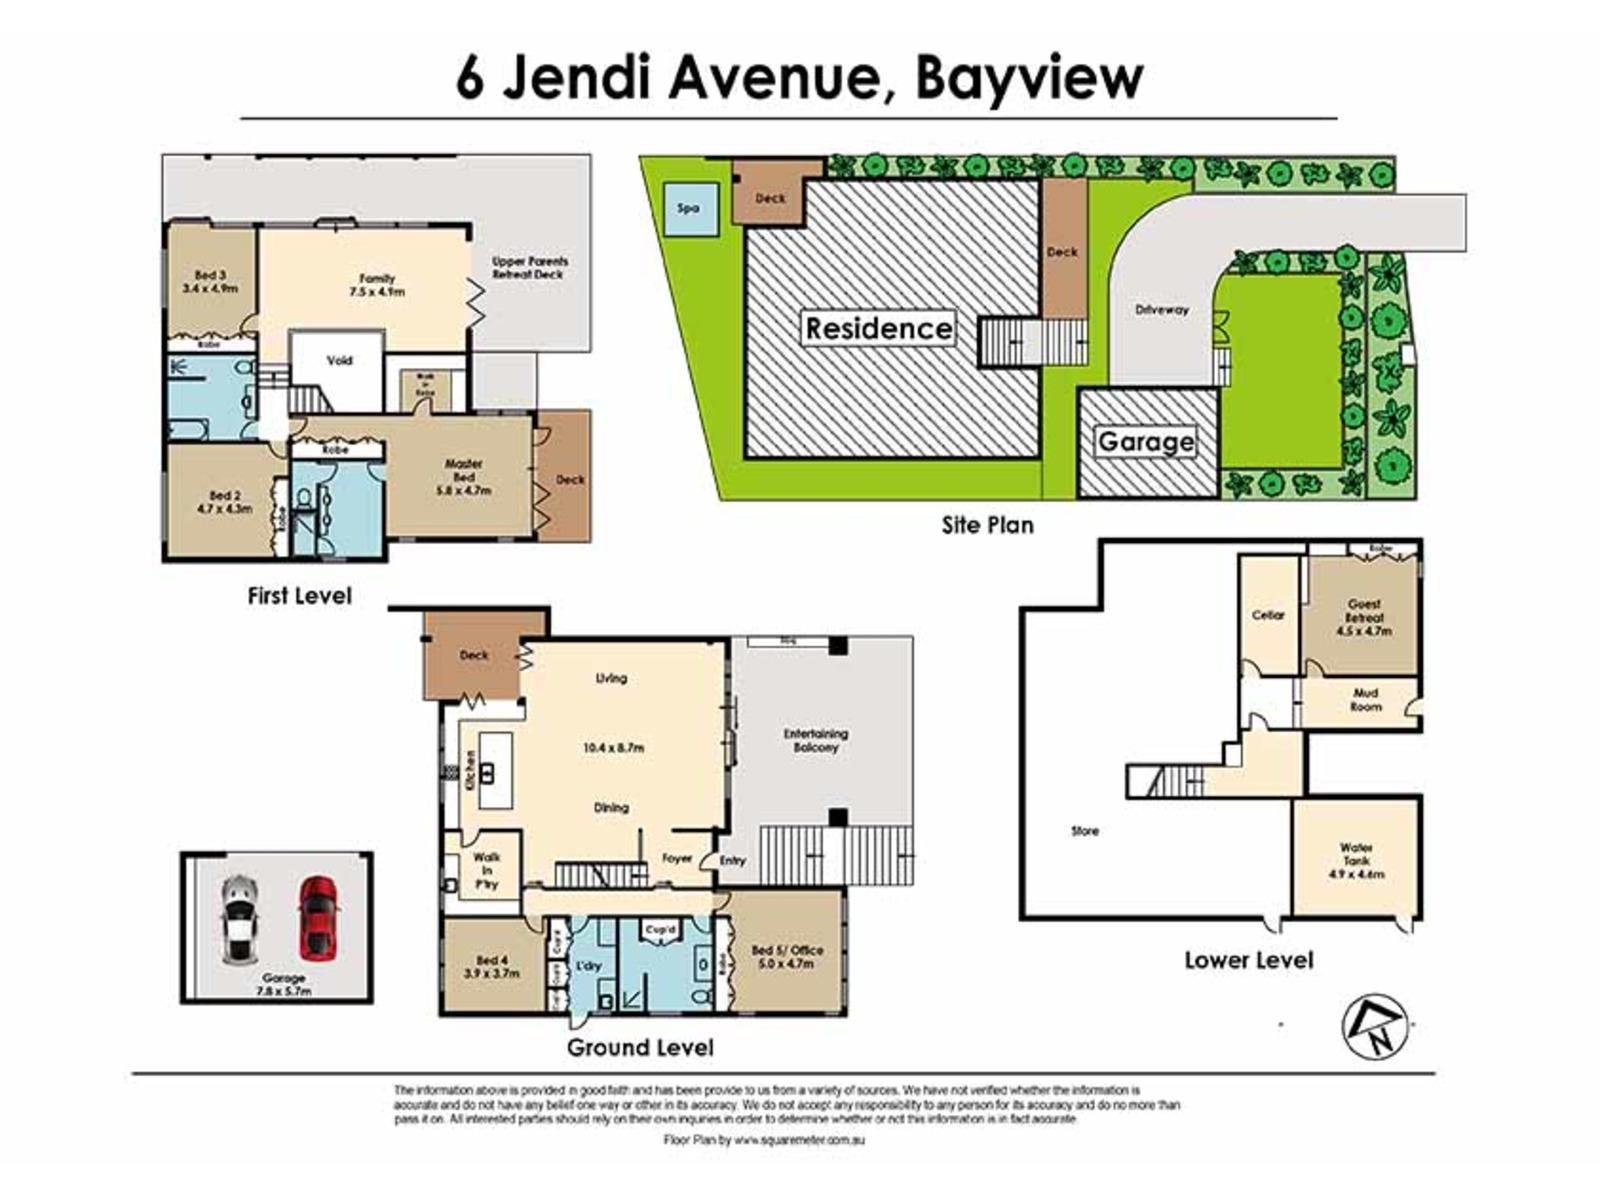 6 Jendi Avenue, Bayview